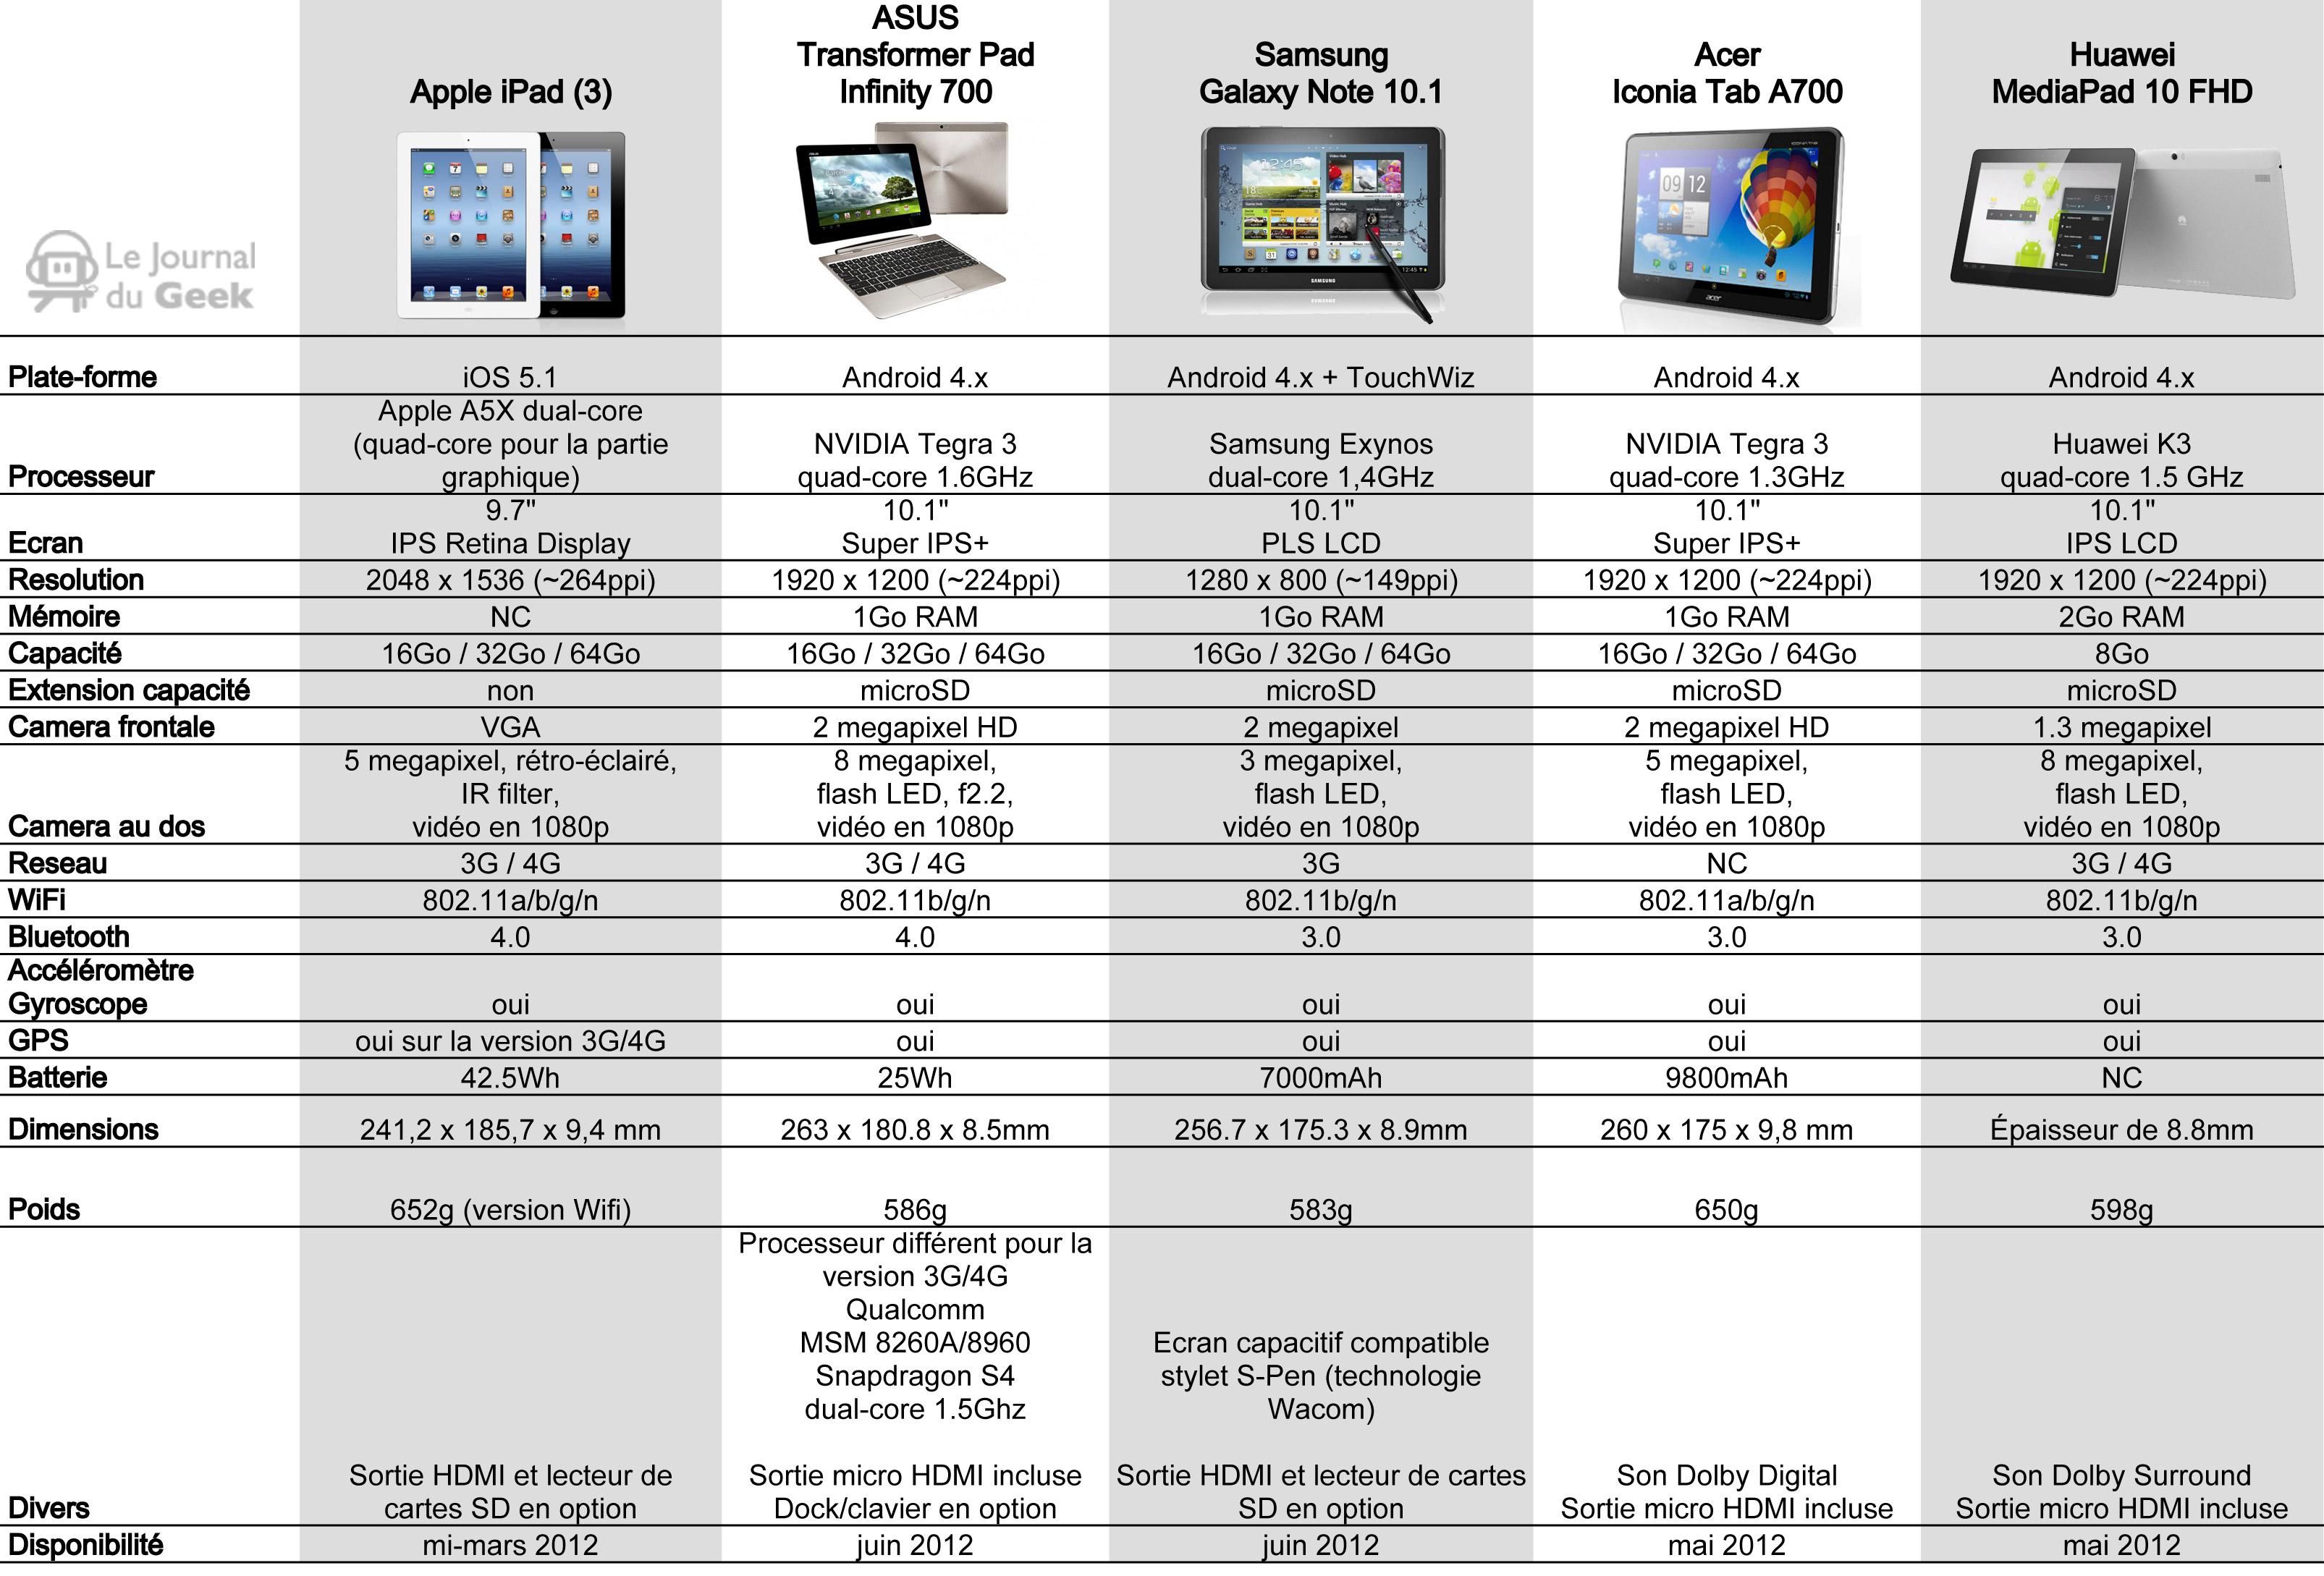 comparatif ipad 3 vs 4 tablettes android haut de gamme. Black Bedroom Furniture Sets. Home Design Ideas